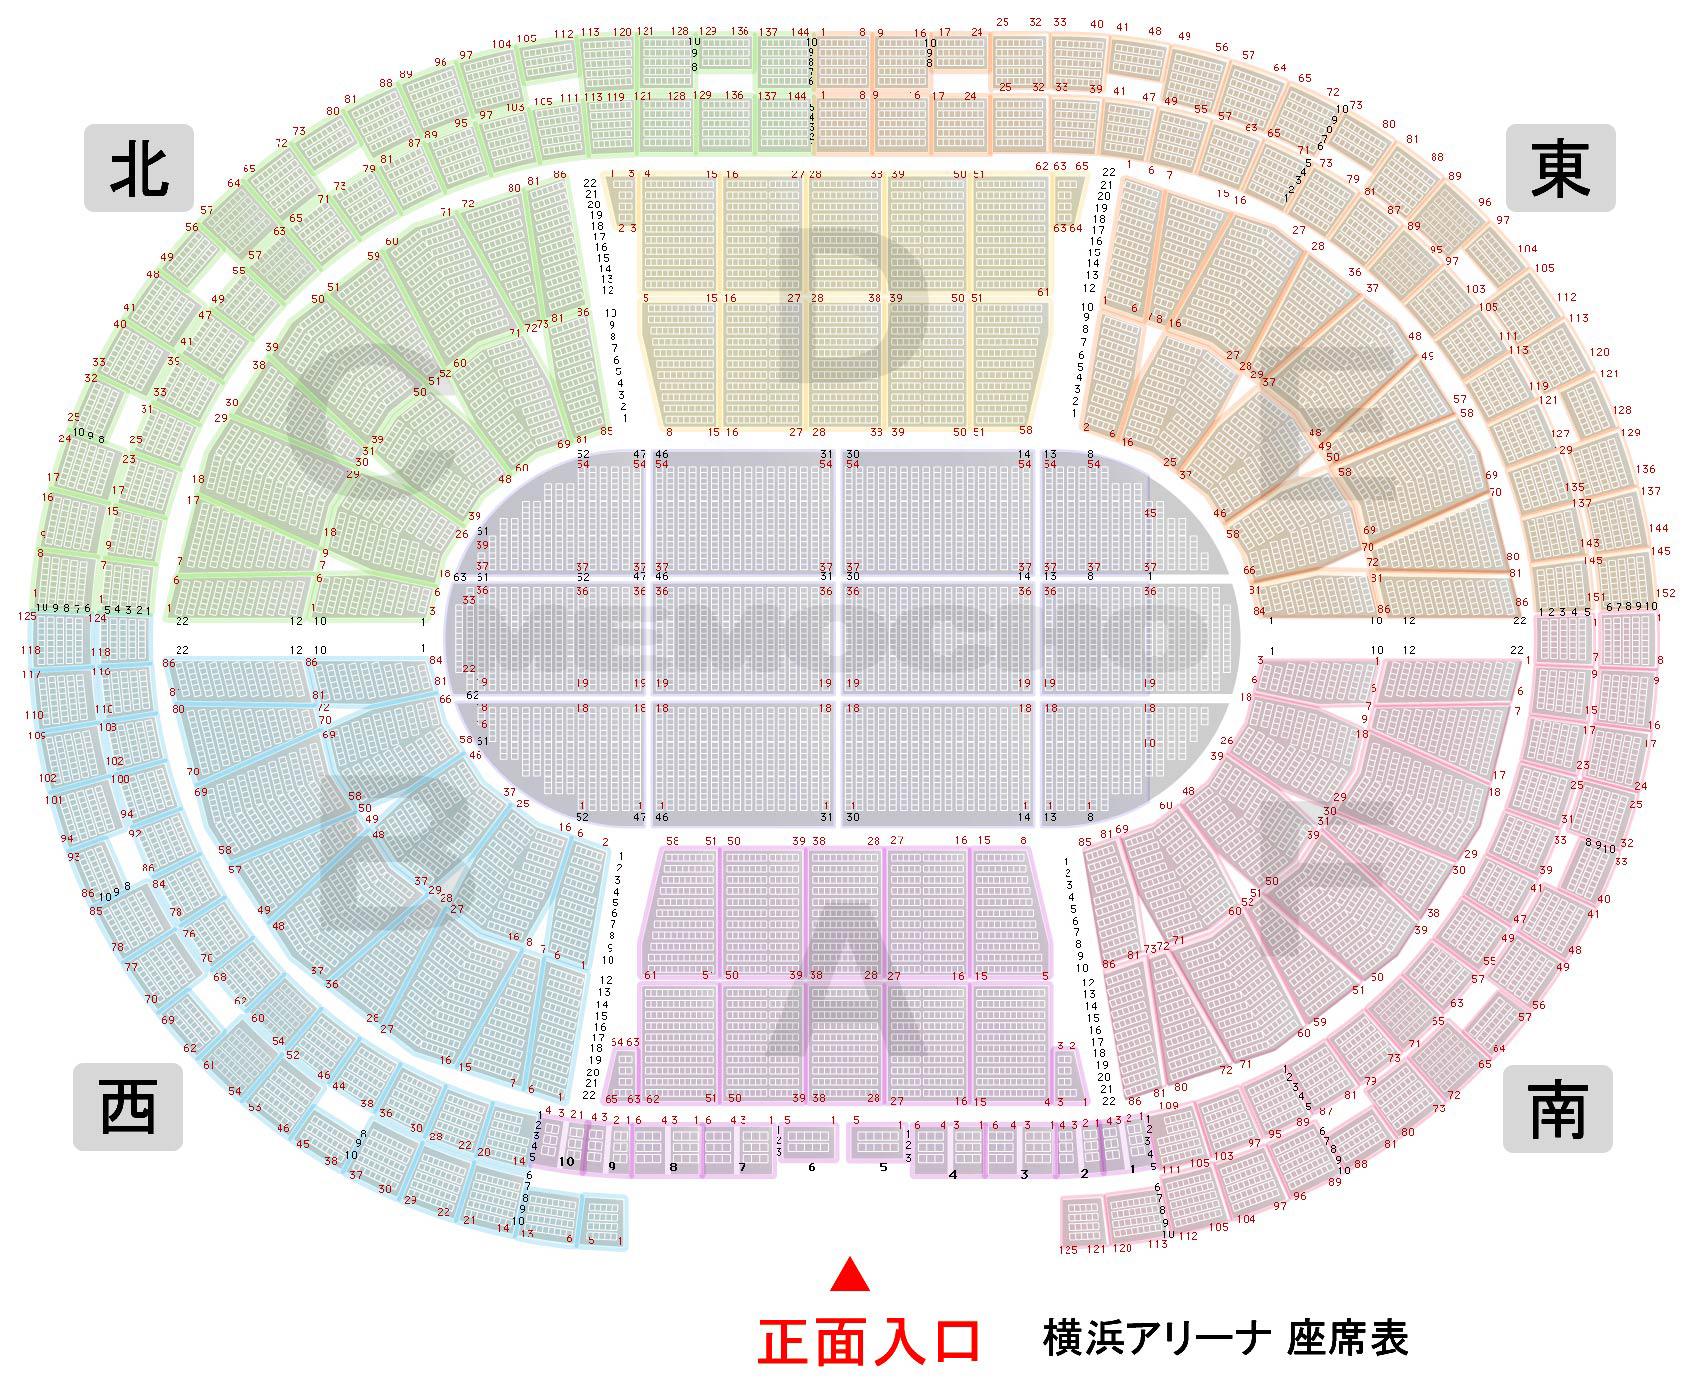 横浜アリーナ 座席表 02